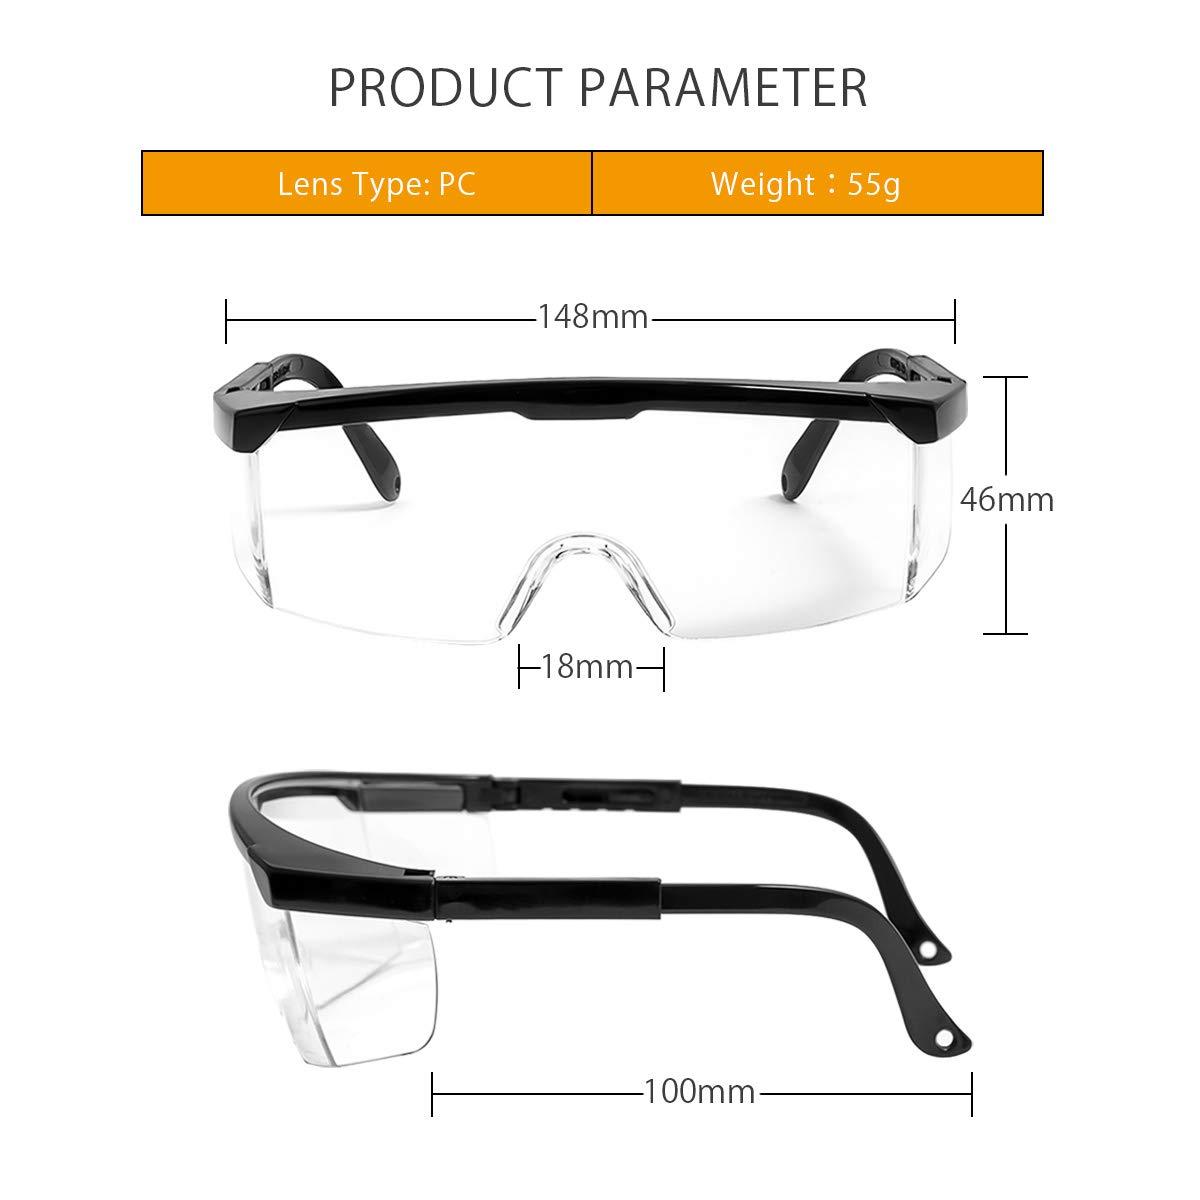 LumiSyne Gafas De Seguridad Adultos Ni/ños Gafas Protectoras Transparentes Anti Niebla Anti-Chapoteo Protecciones Para Los Ojos Bricolaje,Atenci/ón M/édica,Laboratorio De Quimica,Actividad Al Aire Libre